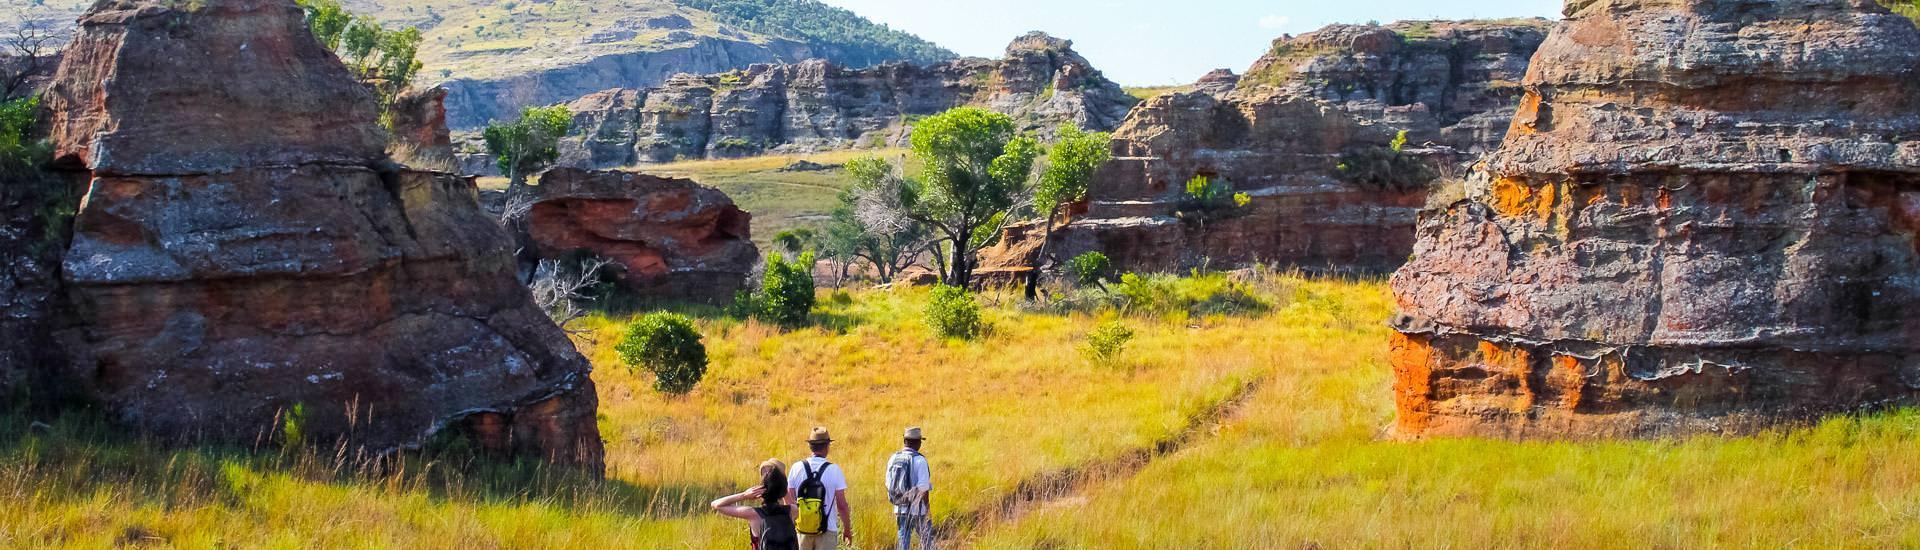 Isalo -  Madagaskar Naturreisen